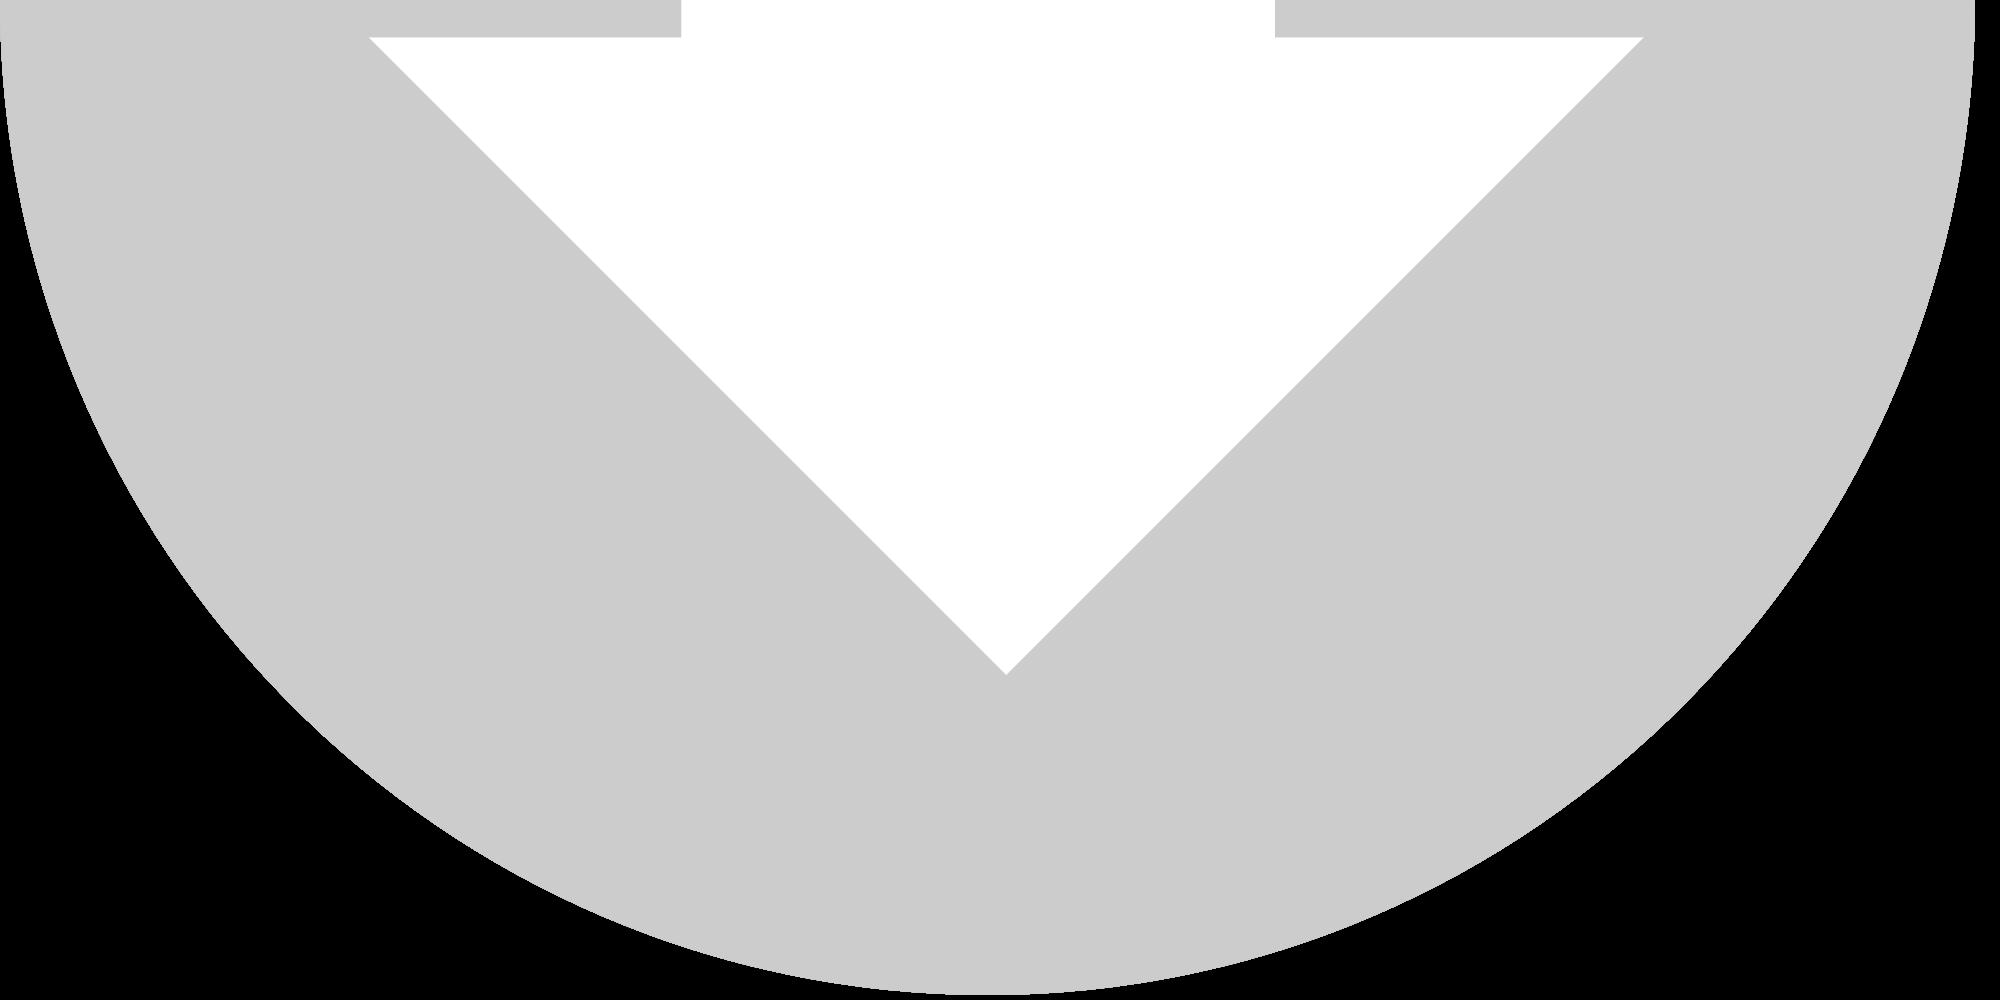 arrow_2.png